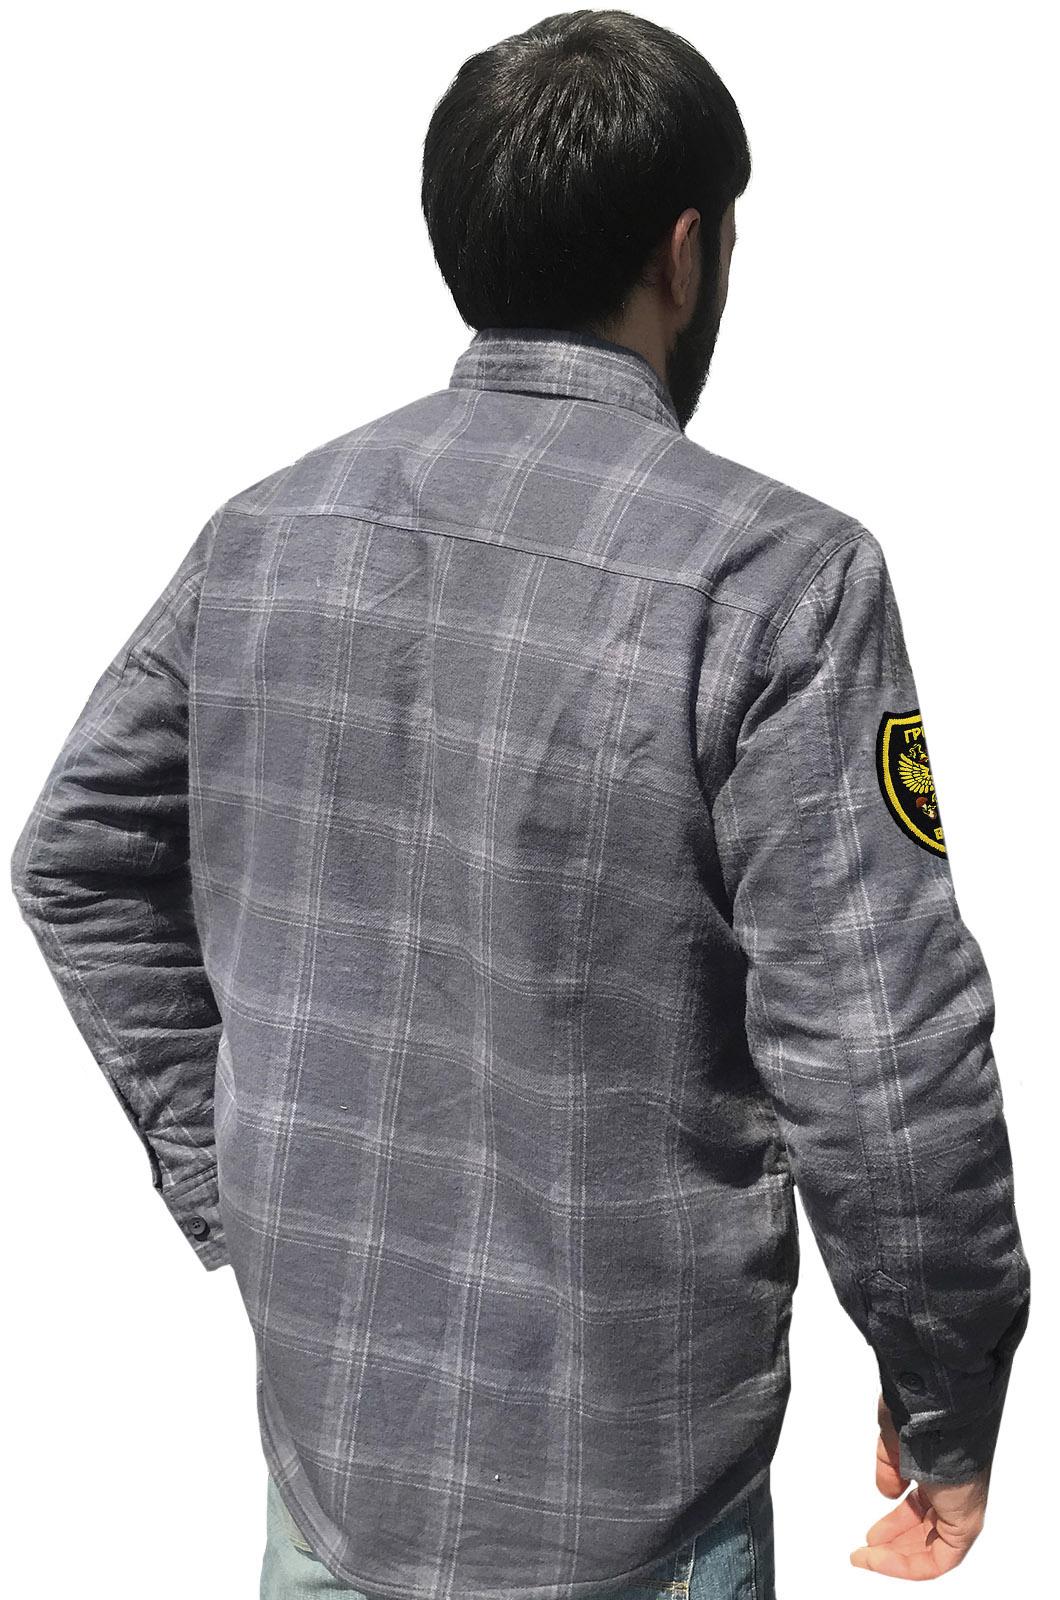 Купить стильную рубашку с вышитым шевроном Грибные Войска в подарок мужу